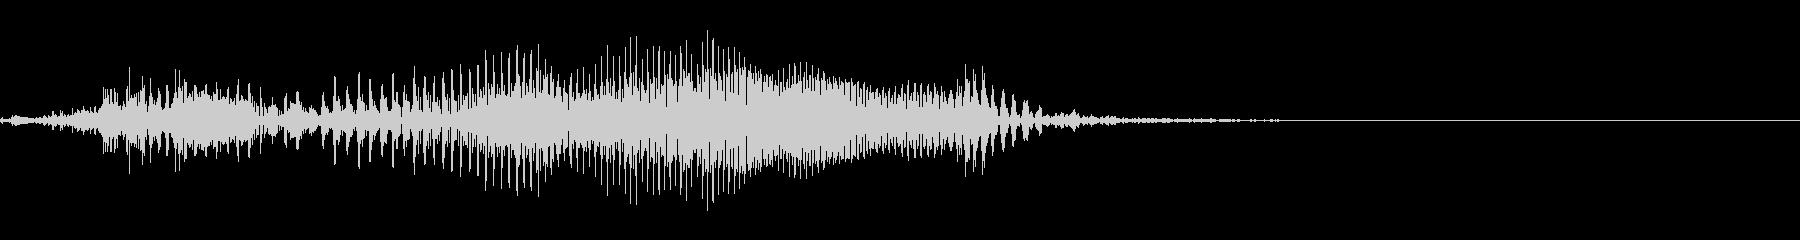 てぇい!の未再生の波形